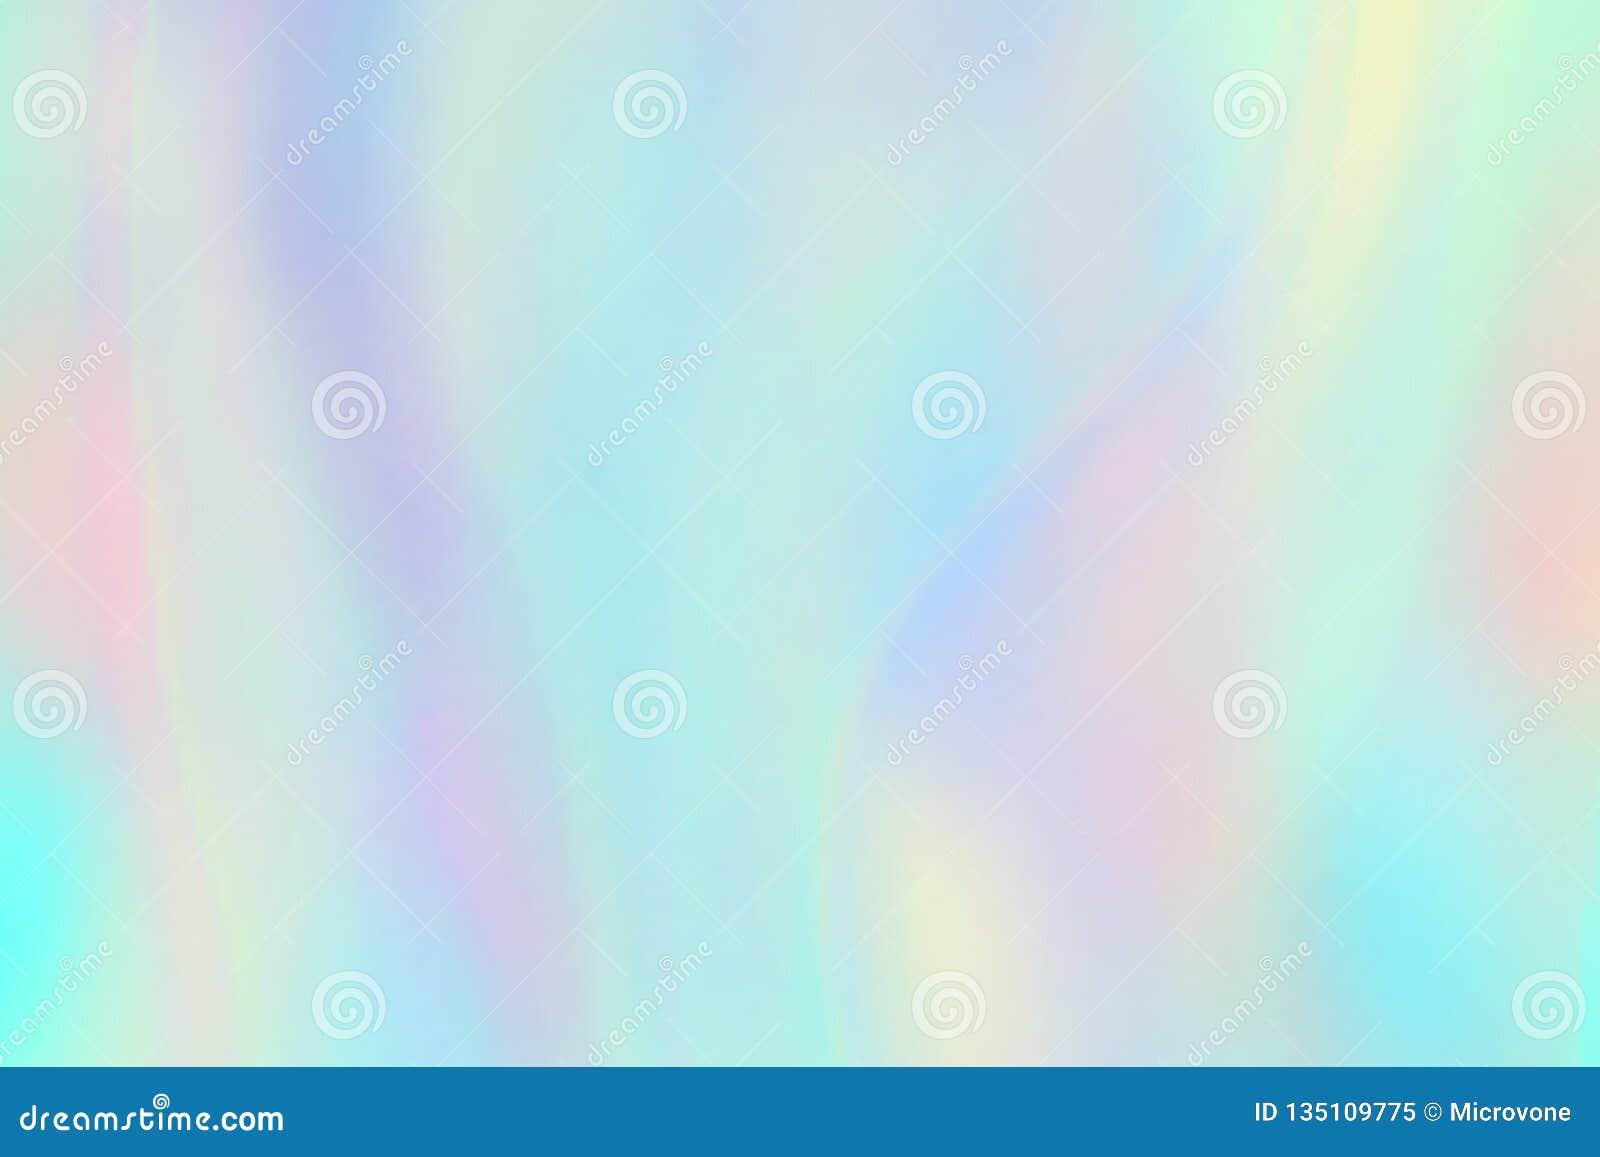 彩虹纹理 全息图箔呈虹彩背景 淡色幻想独角兽传染媒介样式